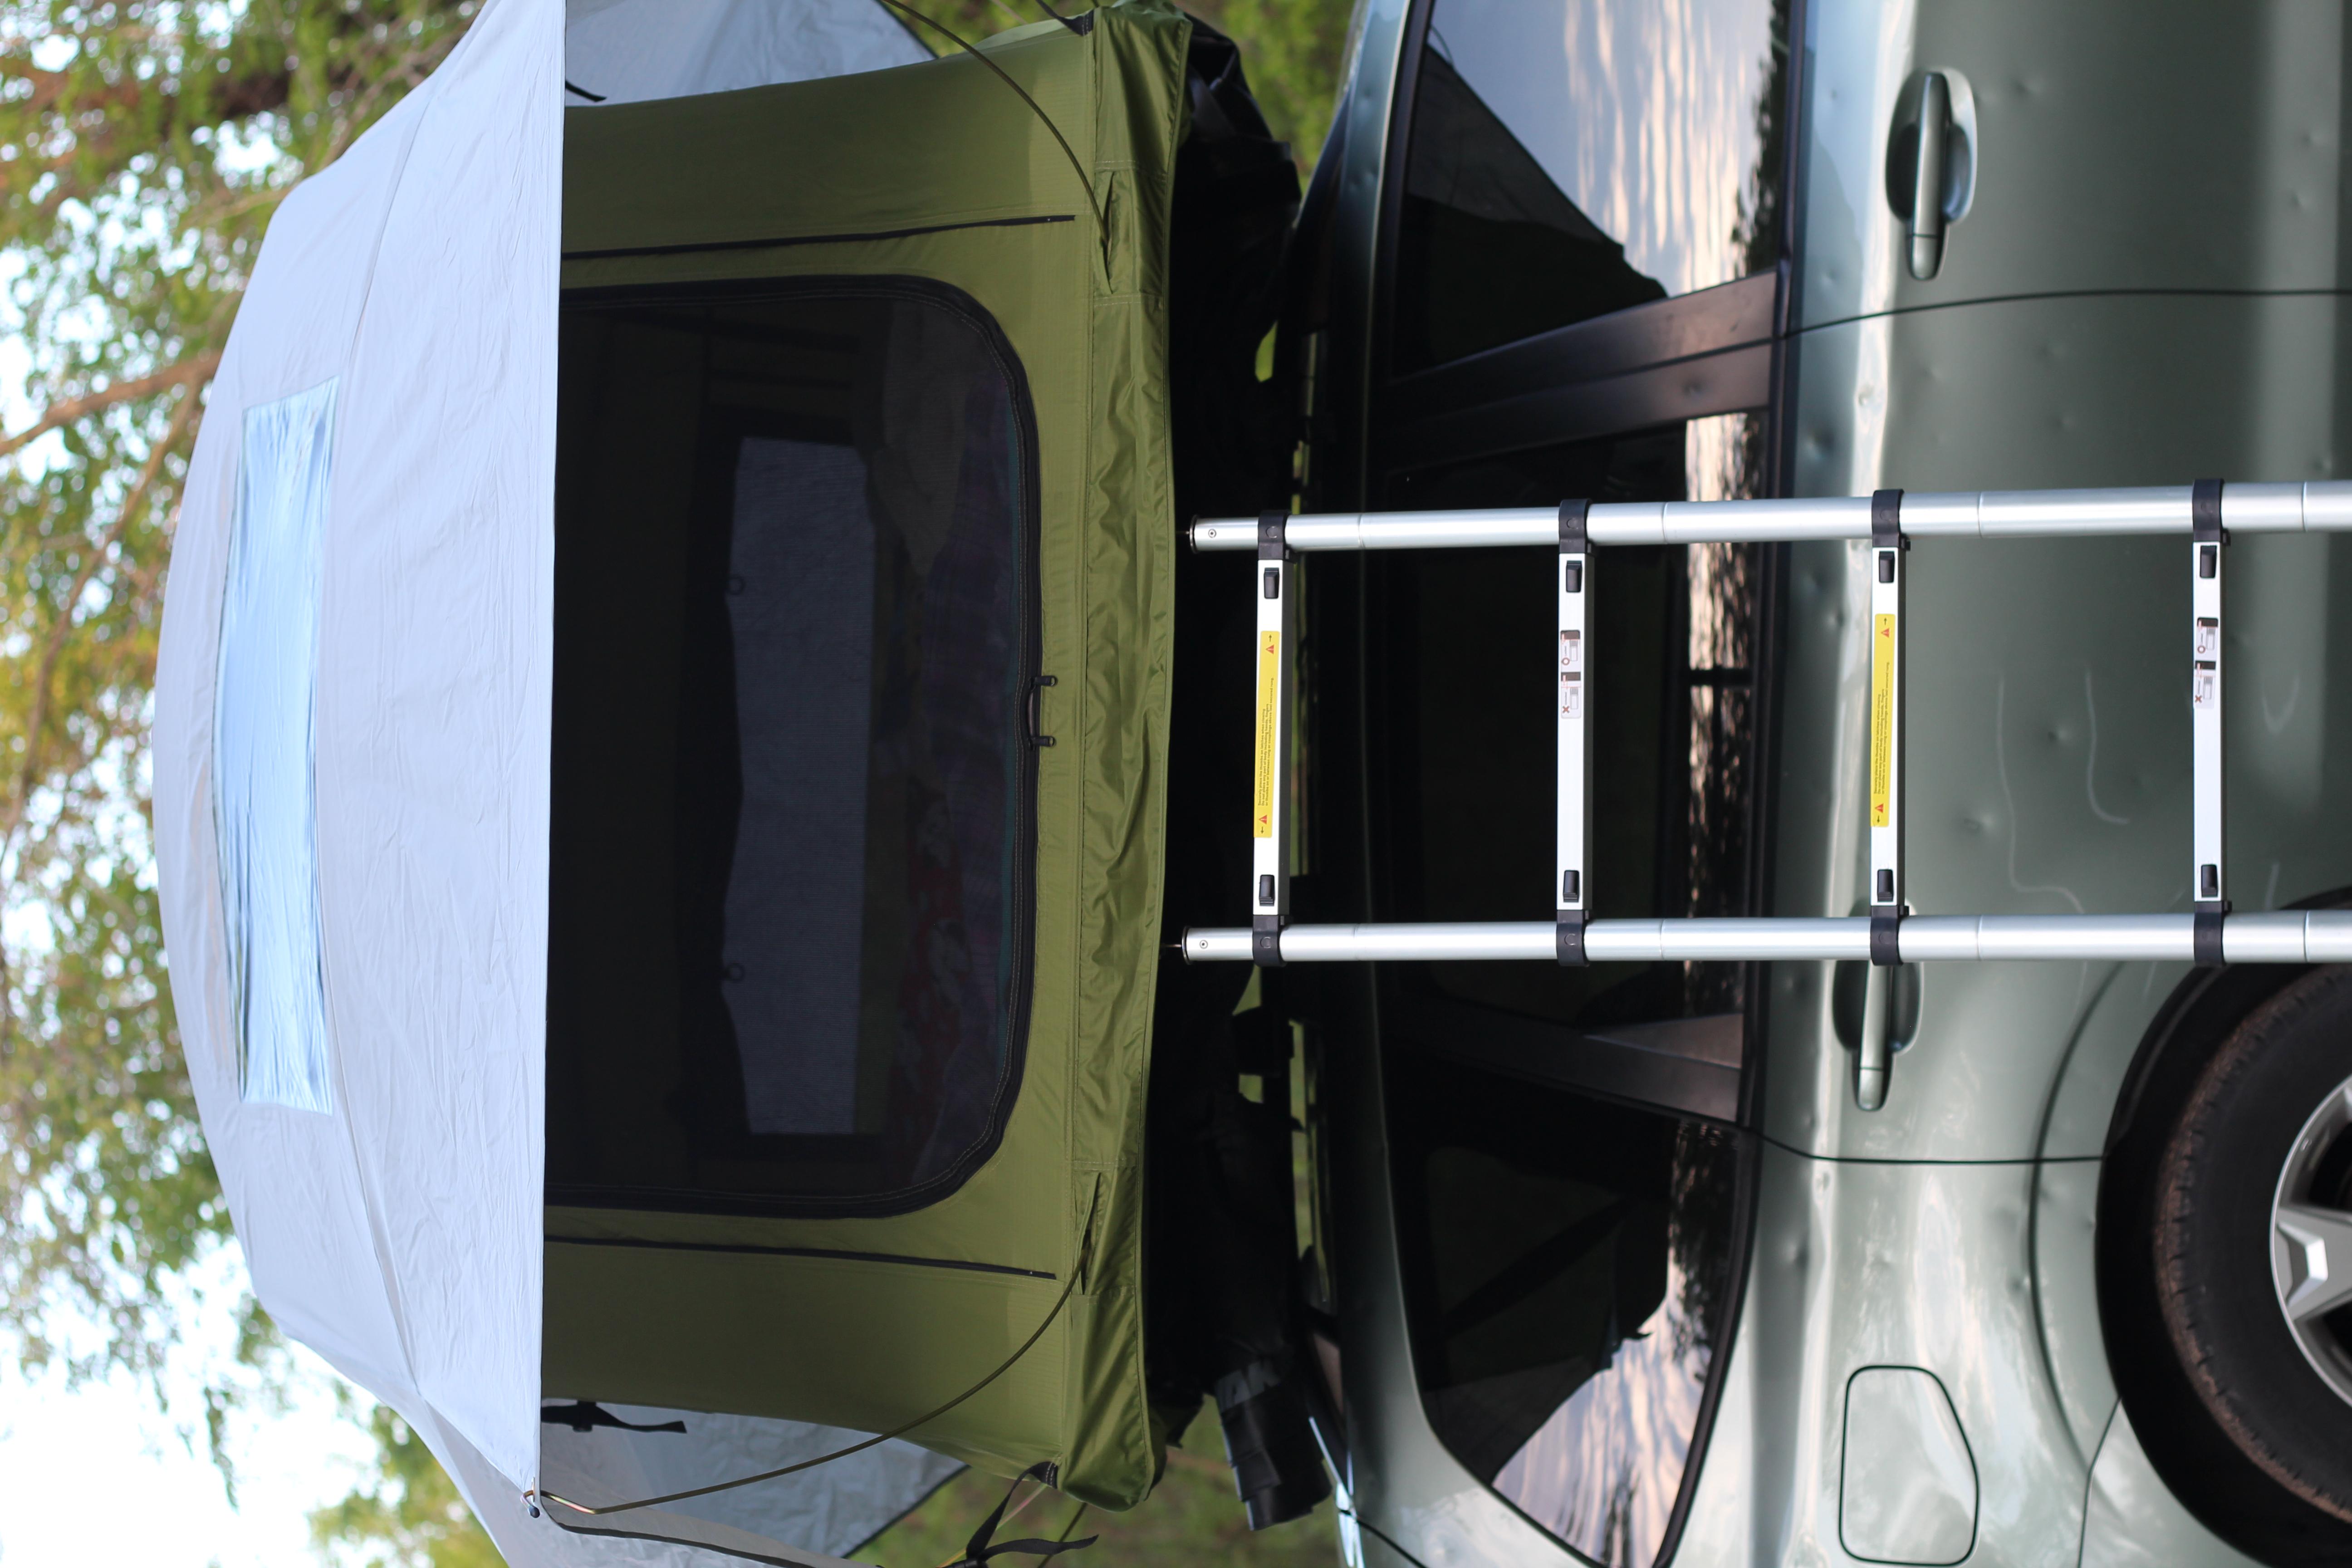 Camper Van Rental in Lino Lakes